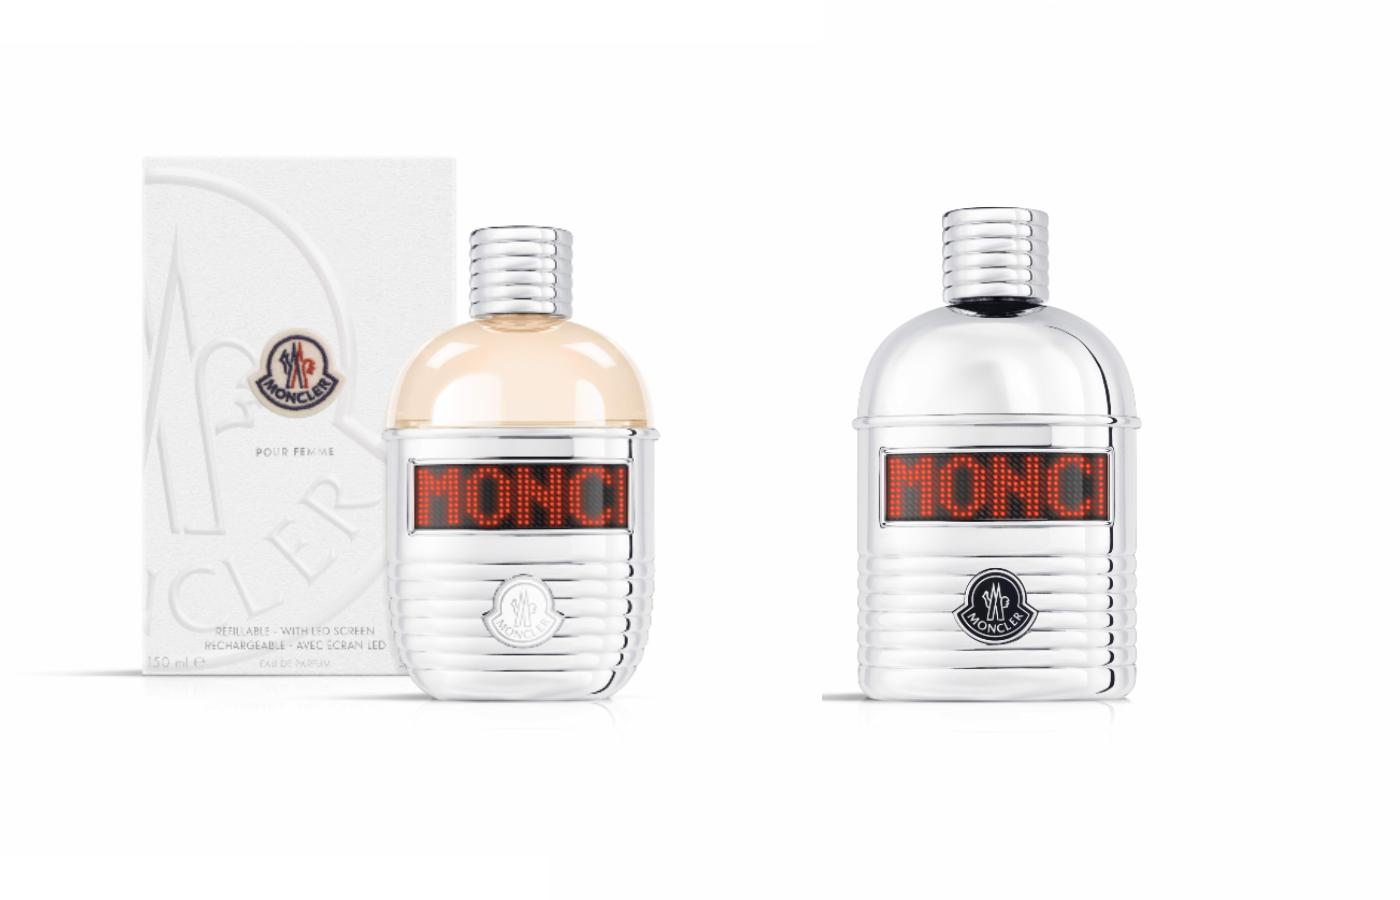 Moncler Pour Femme and Pour Homme